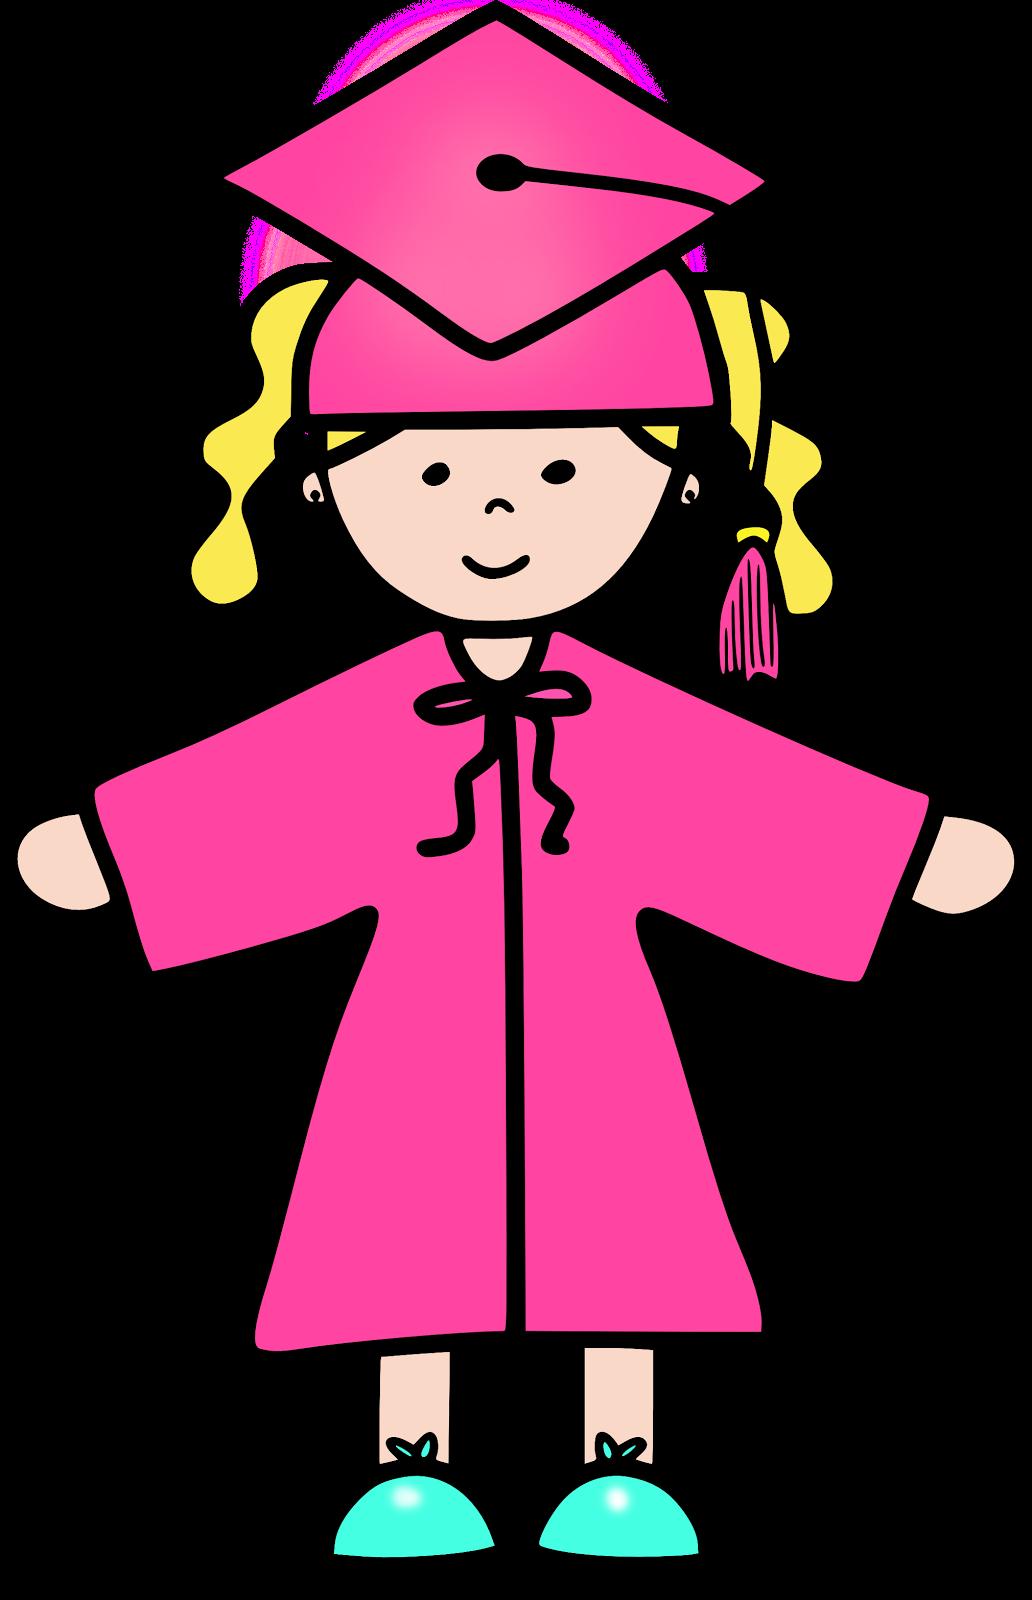 png royalty free Graduate clipart kindergarten graduation. Preschool graduates clip art